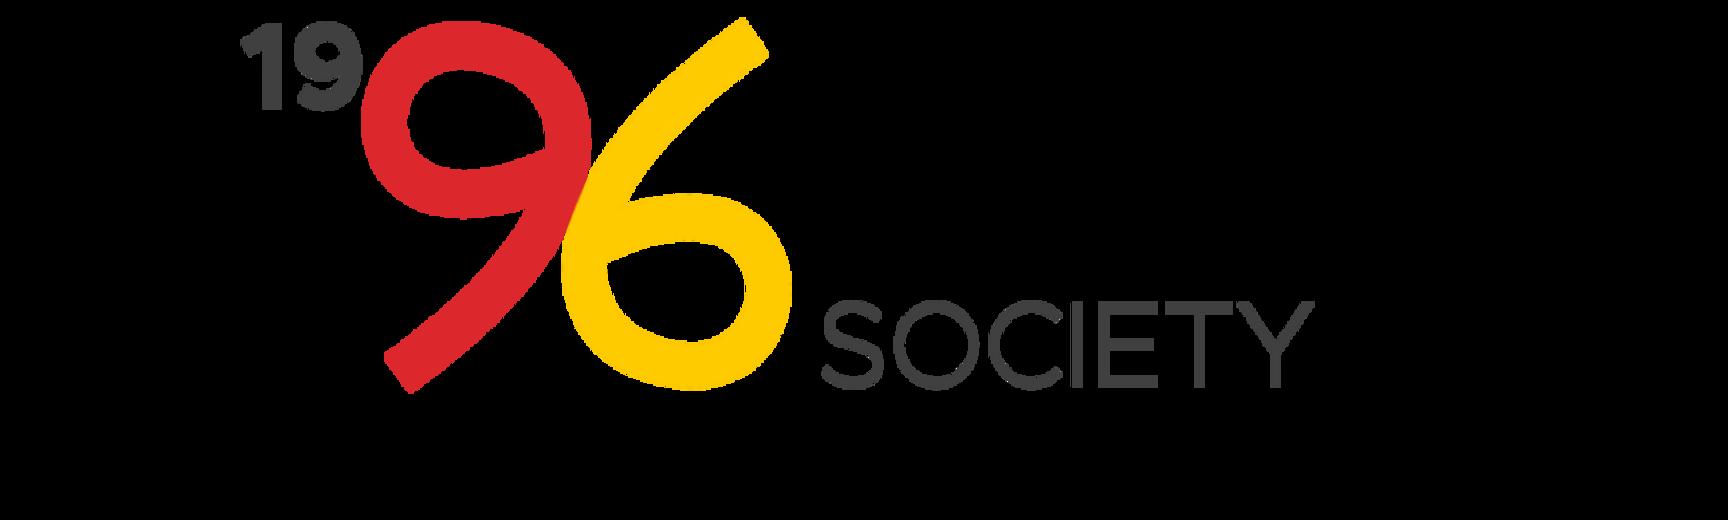 96 society mockup small banner mk